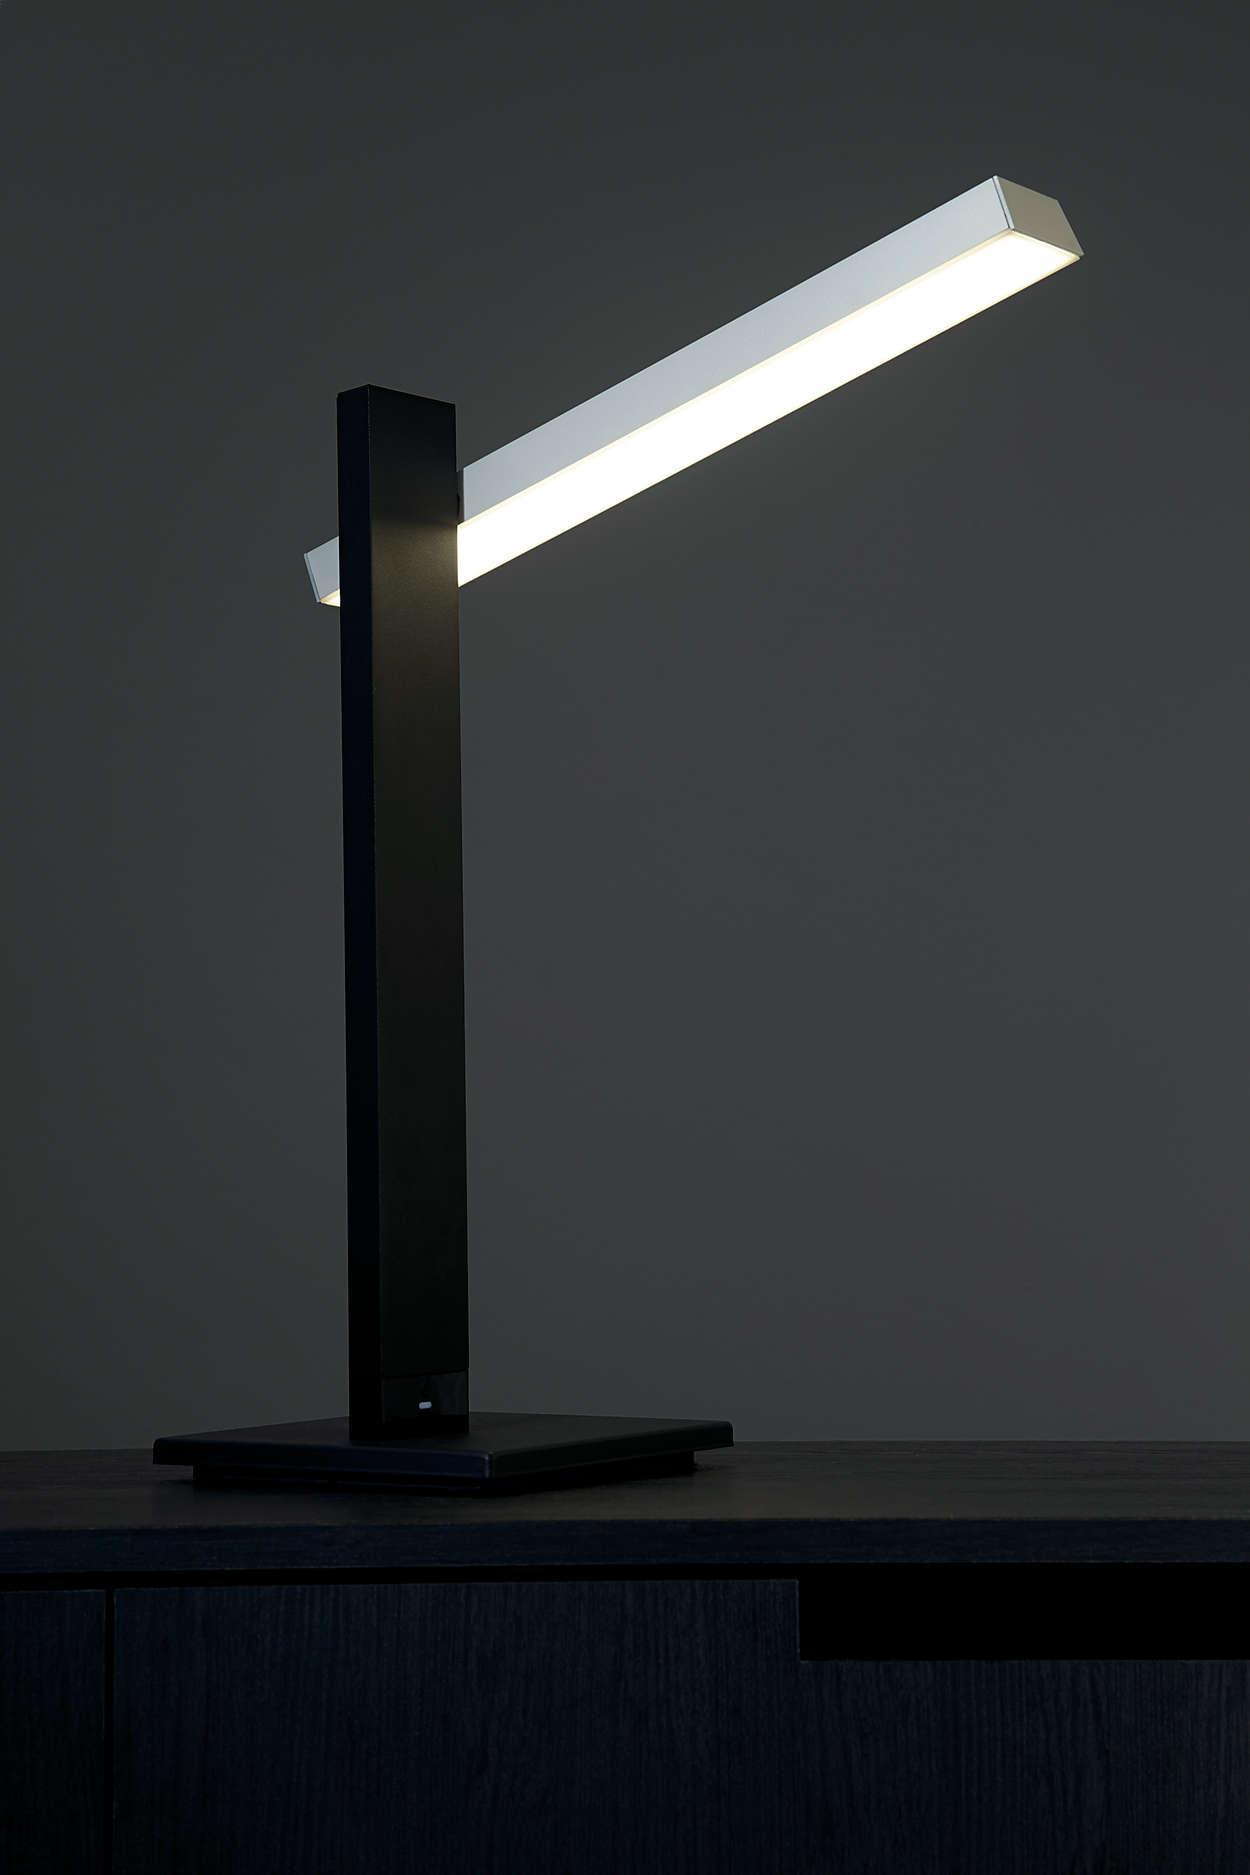 A la luz de la perfección